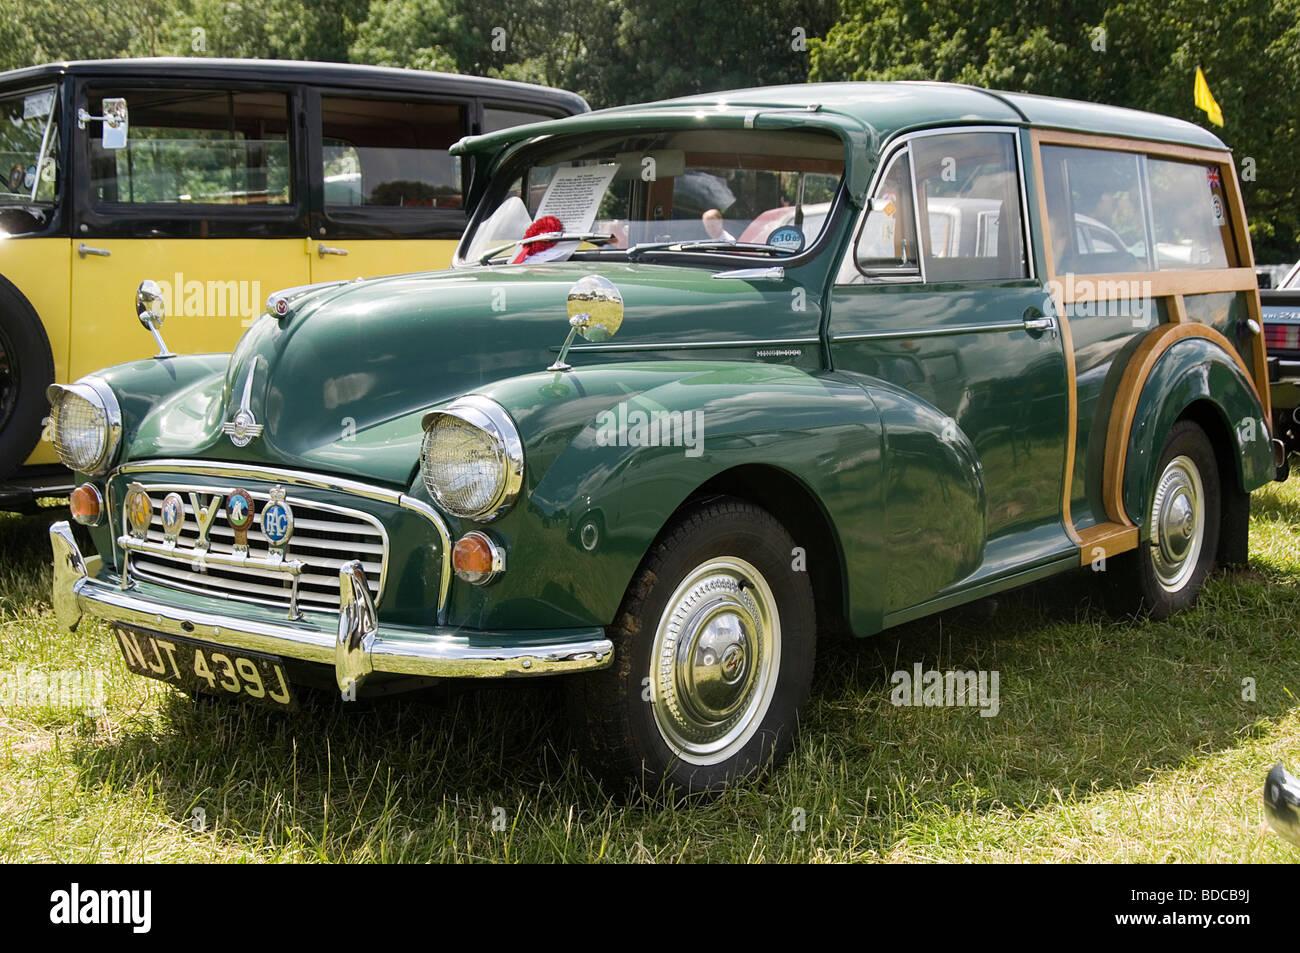 morris minor traveler wood woody classic car cars 1000 estate car wooden model - Stock Image